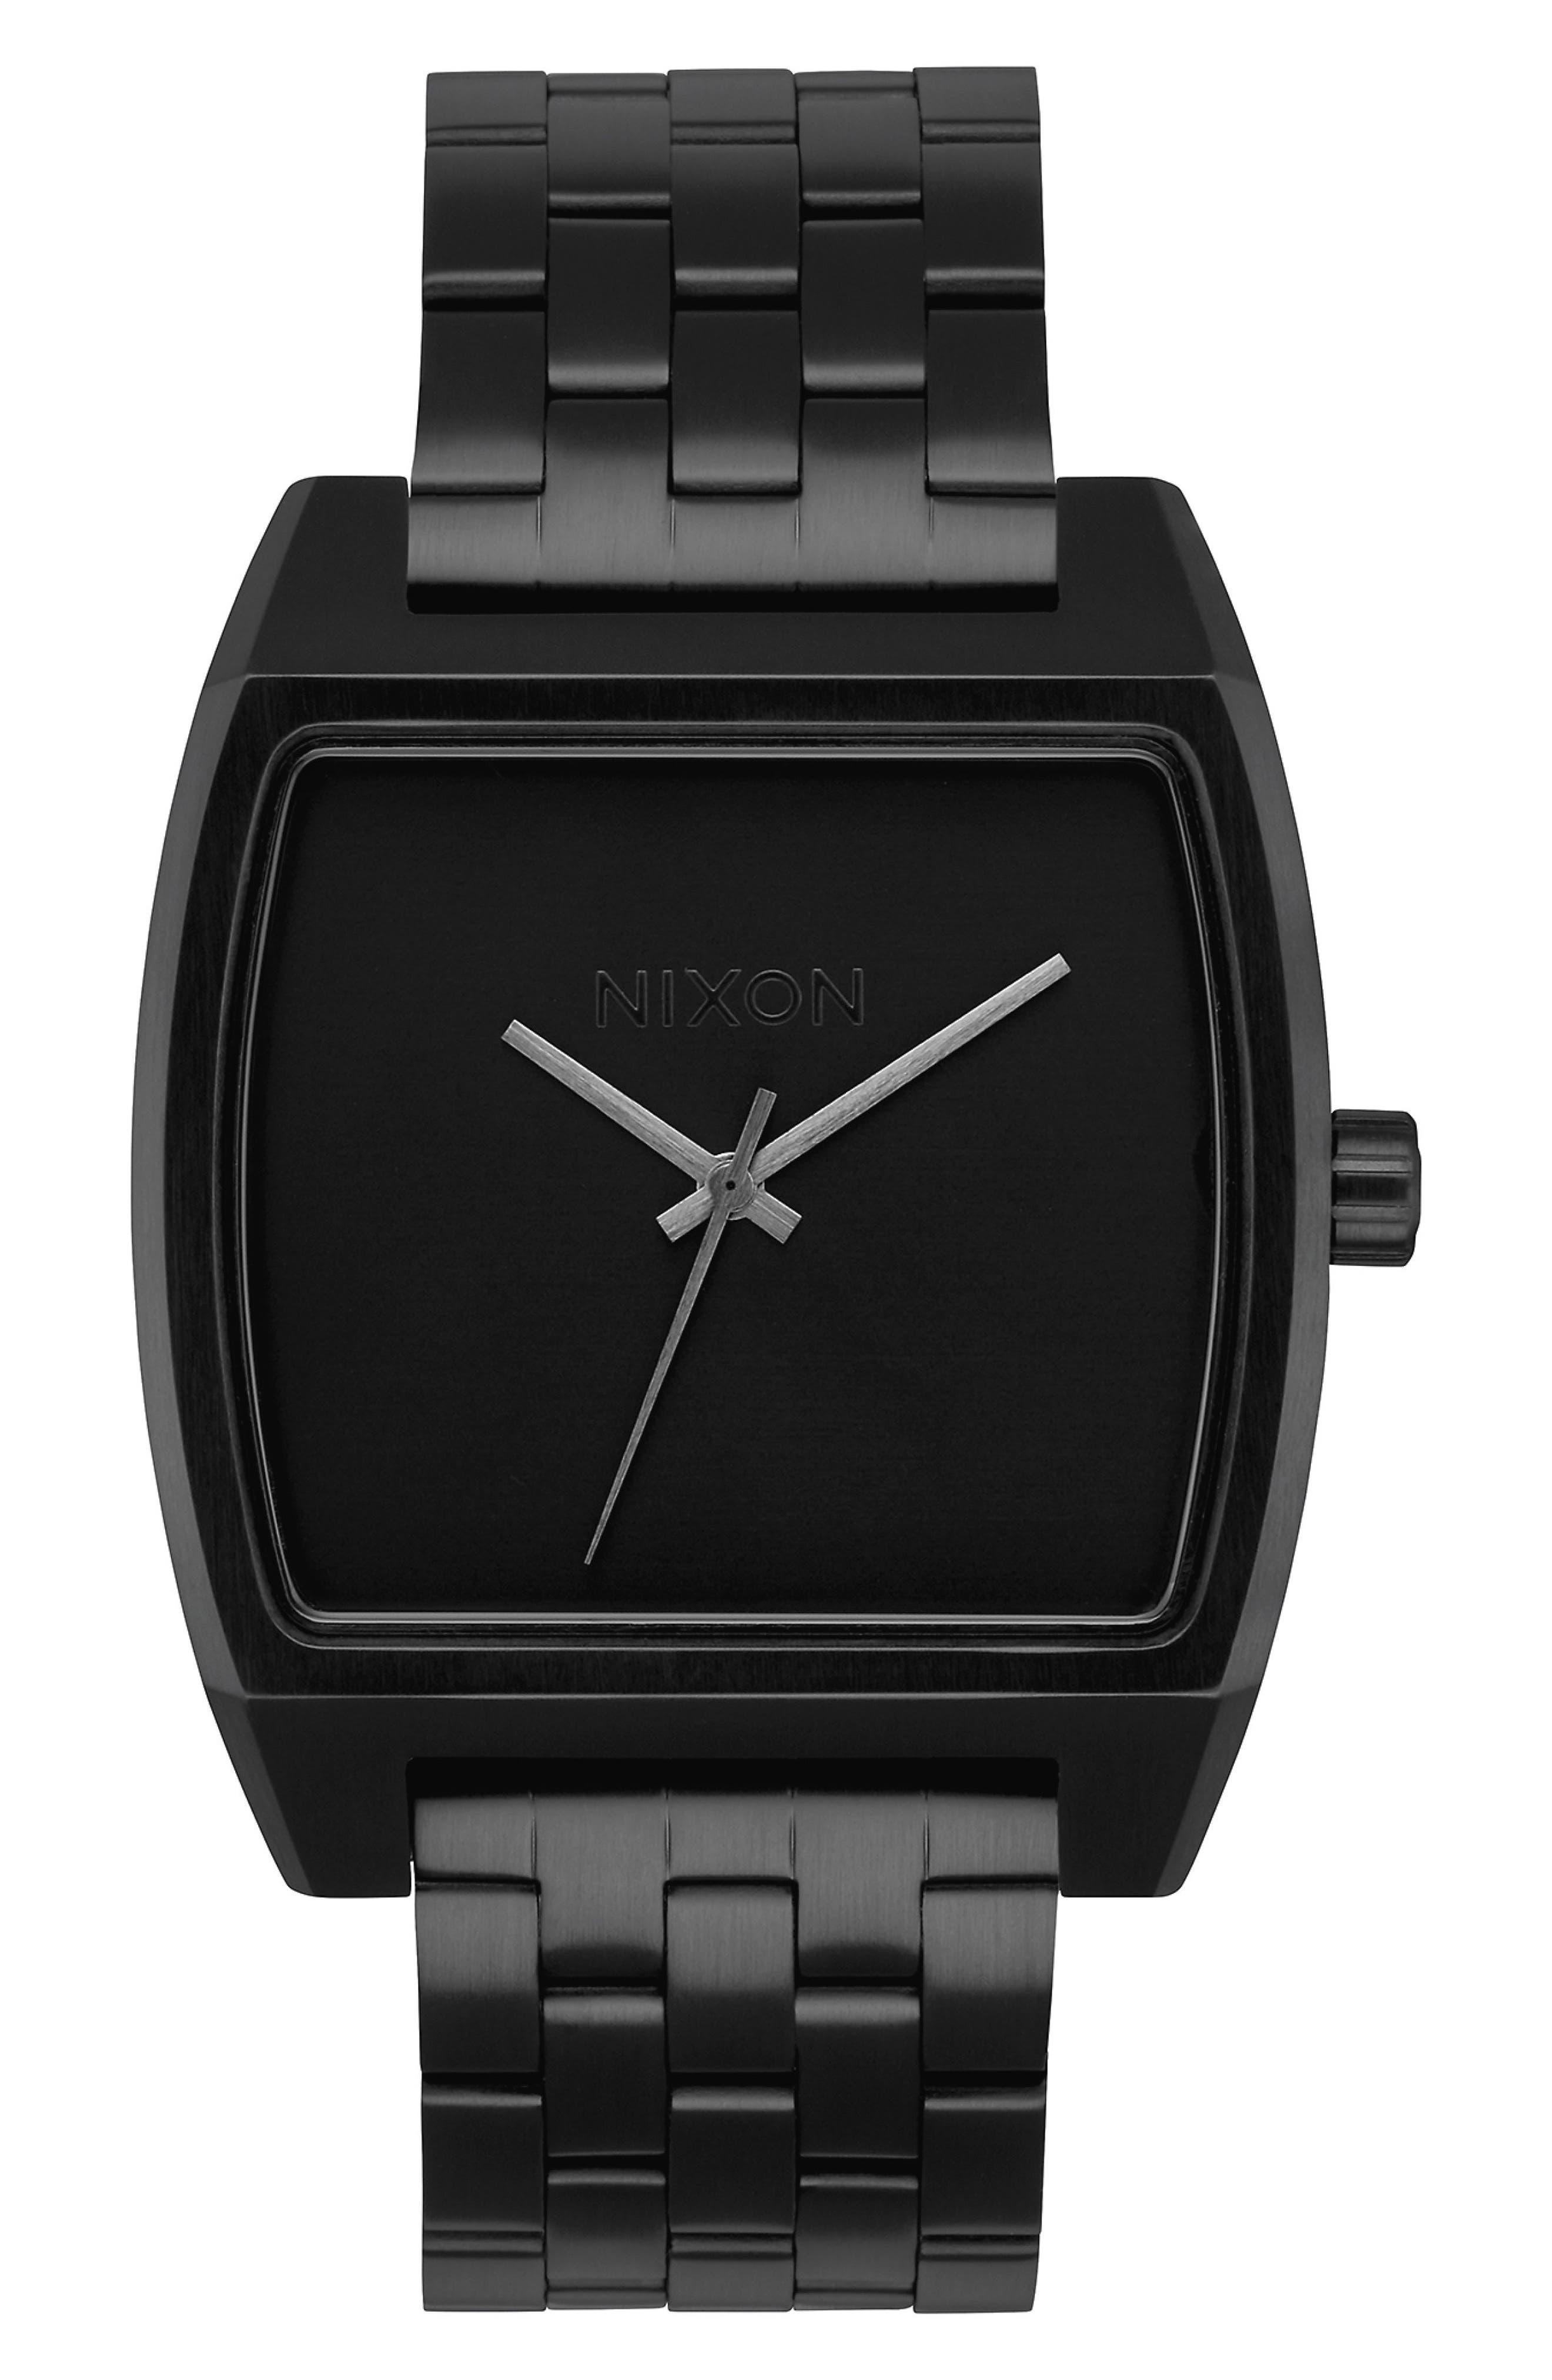 Image of Nixon Men's Time Tracker Bracelet Watch, 37mm